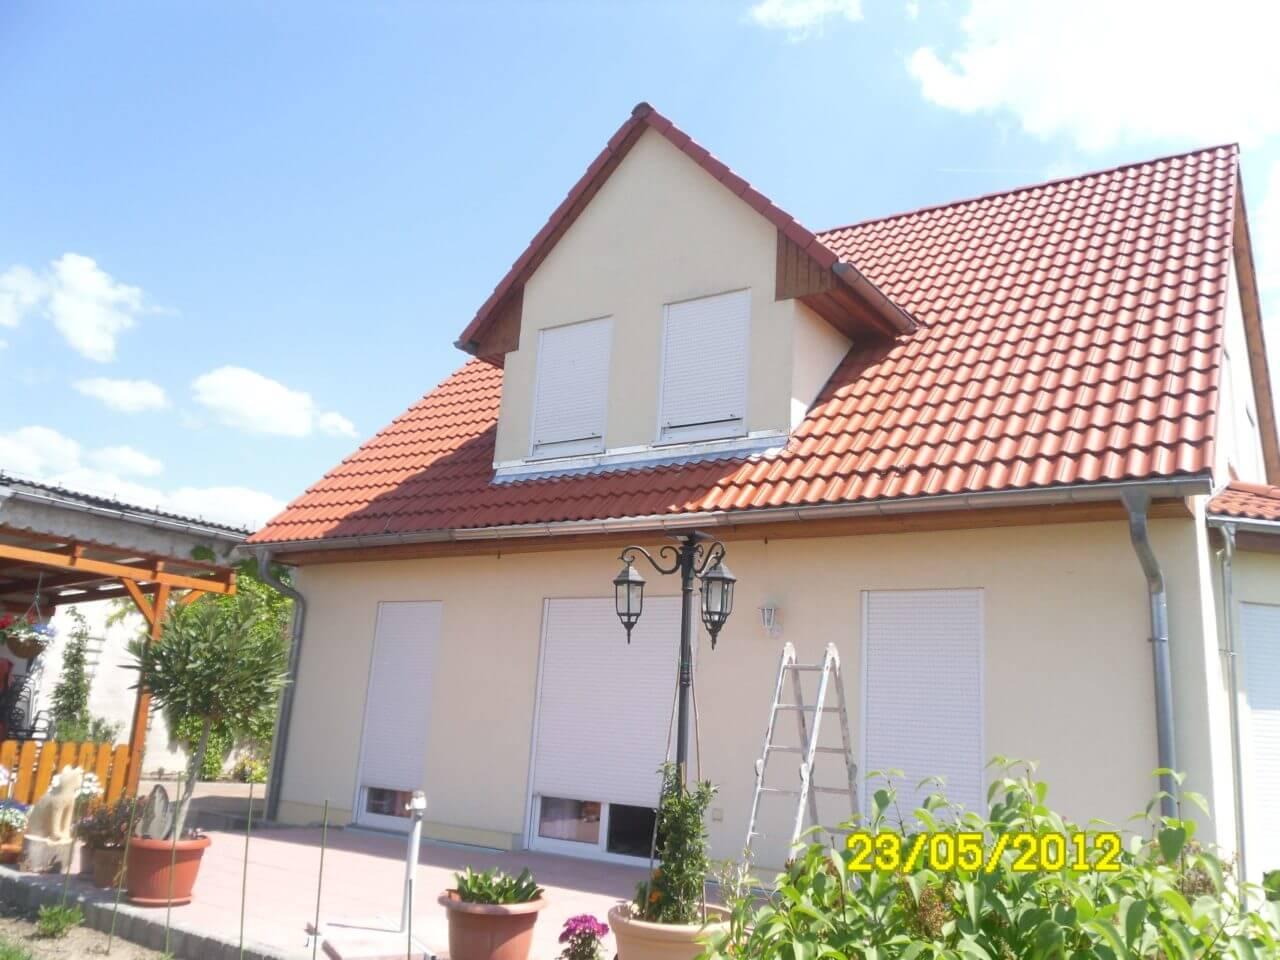 Pergolino - Dachanschluss hergestellt